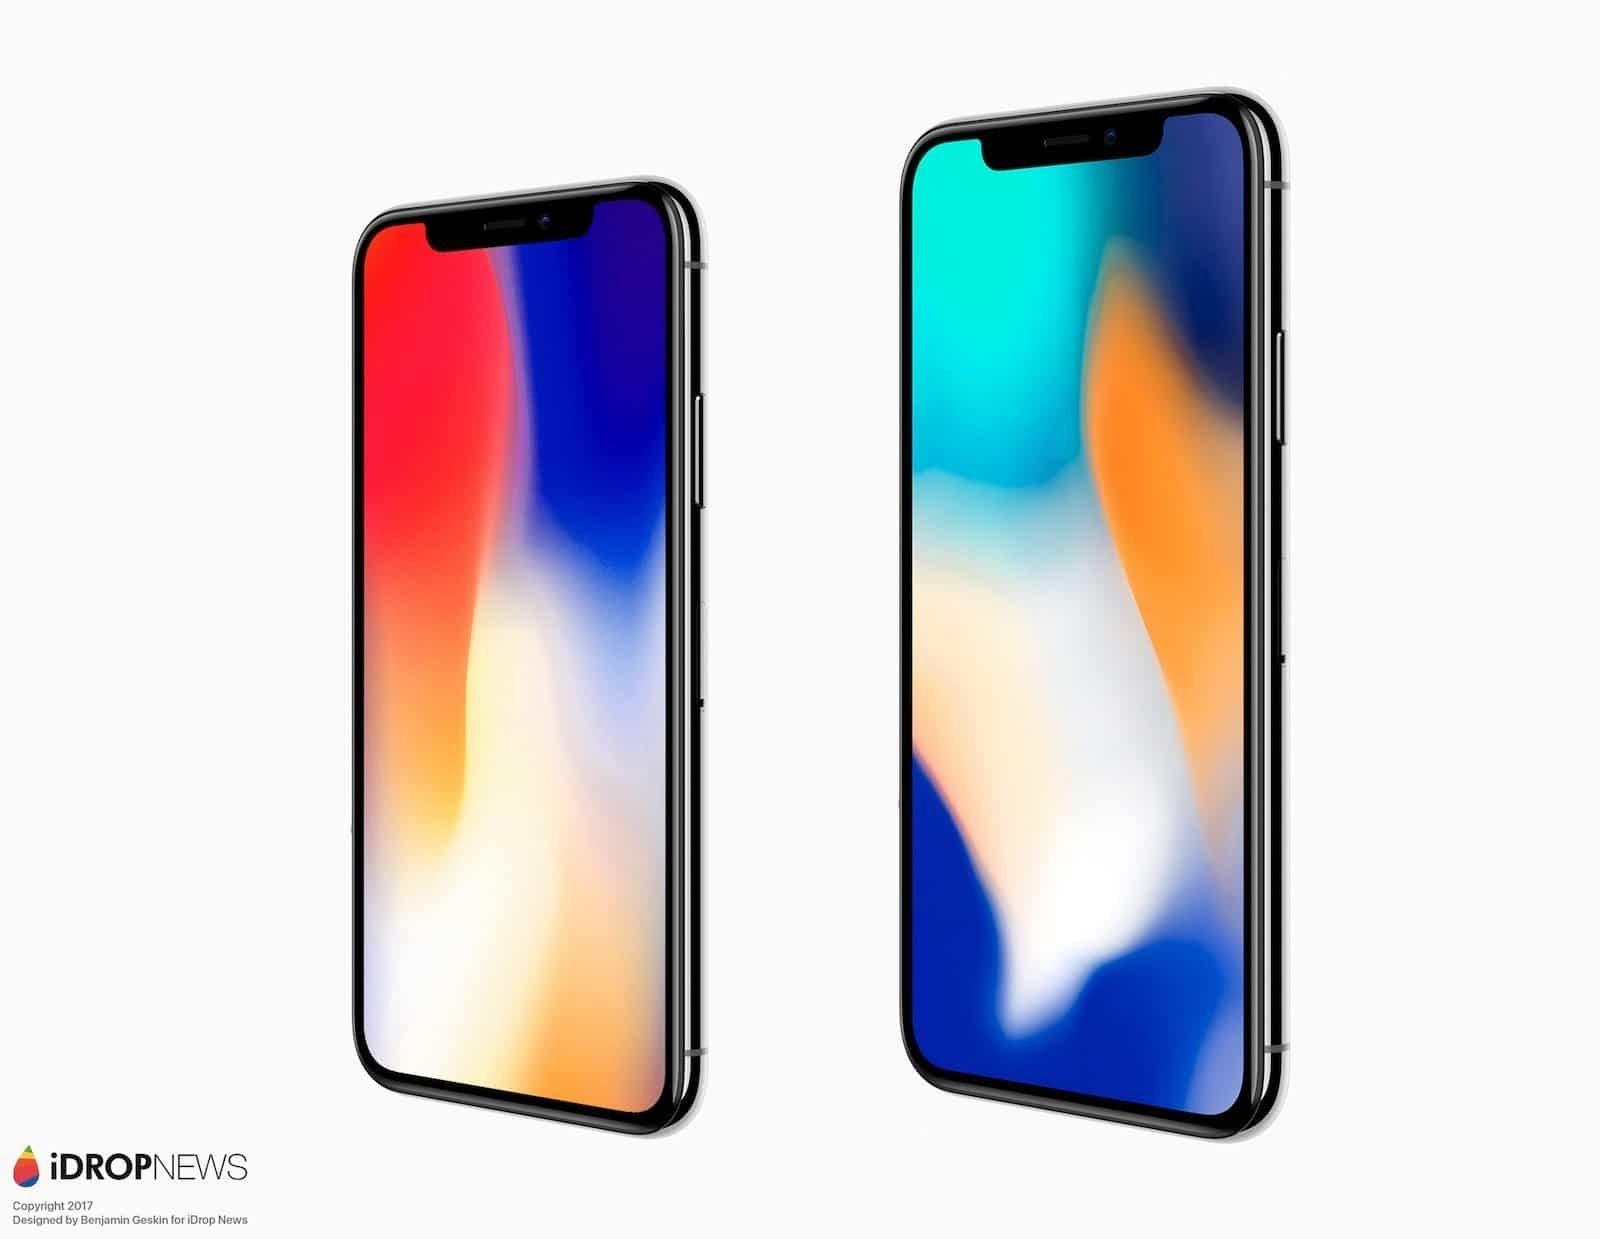 Faltbares iPhone? Apple arbeitet wohl mit LG zusammen